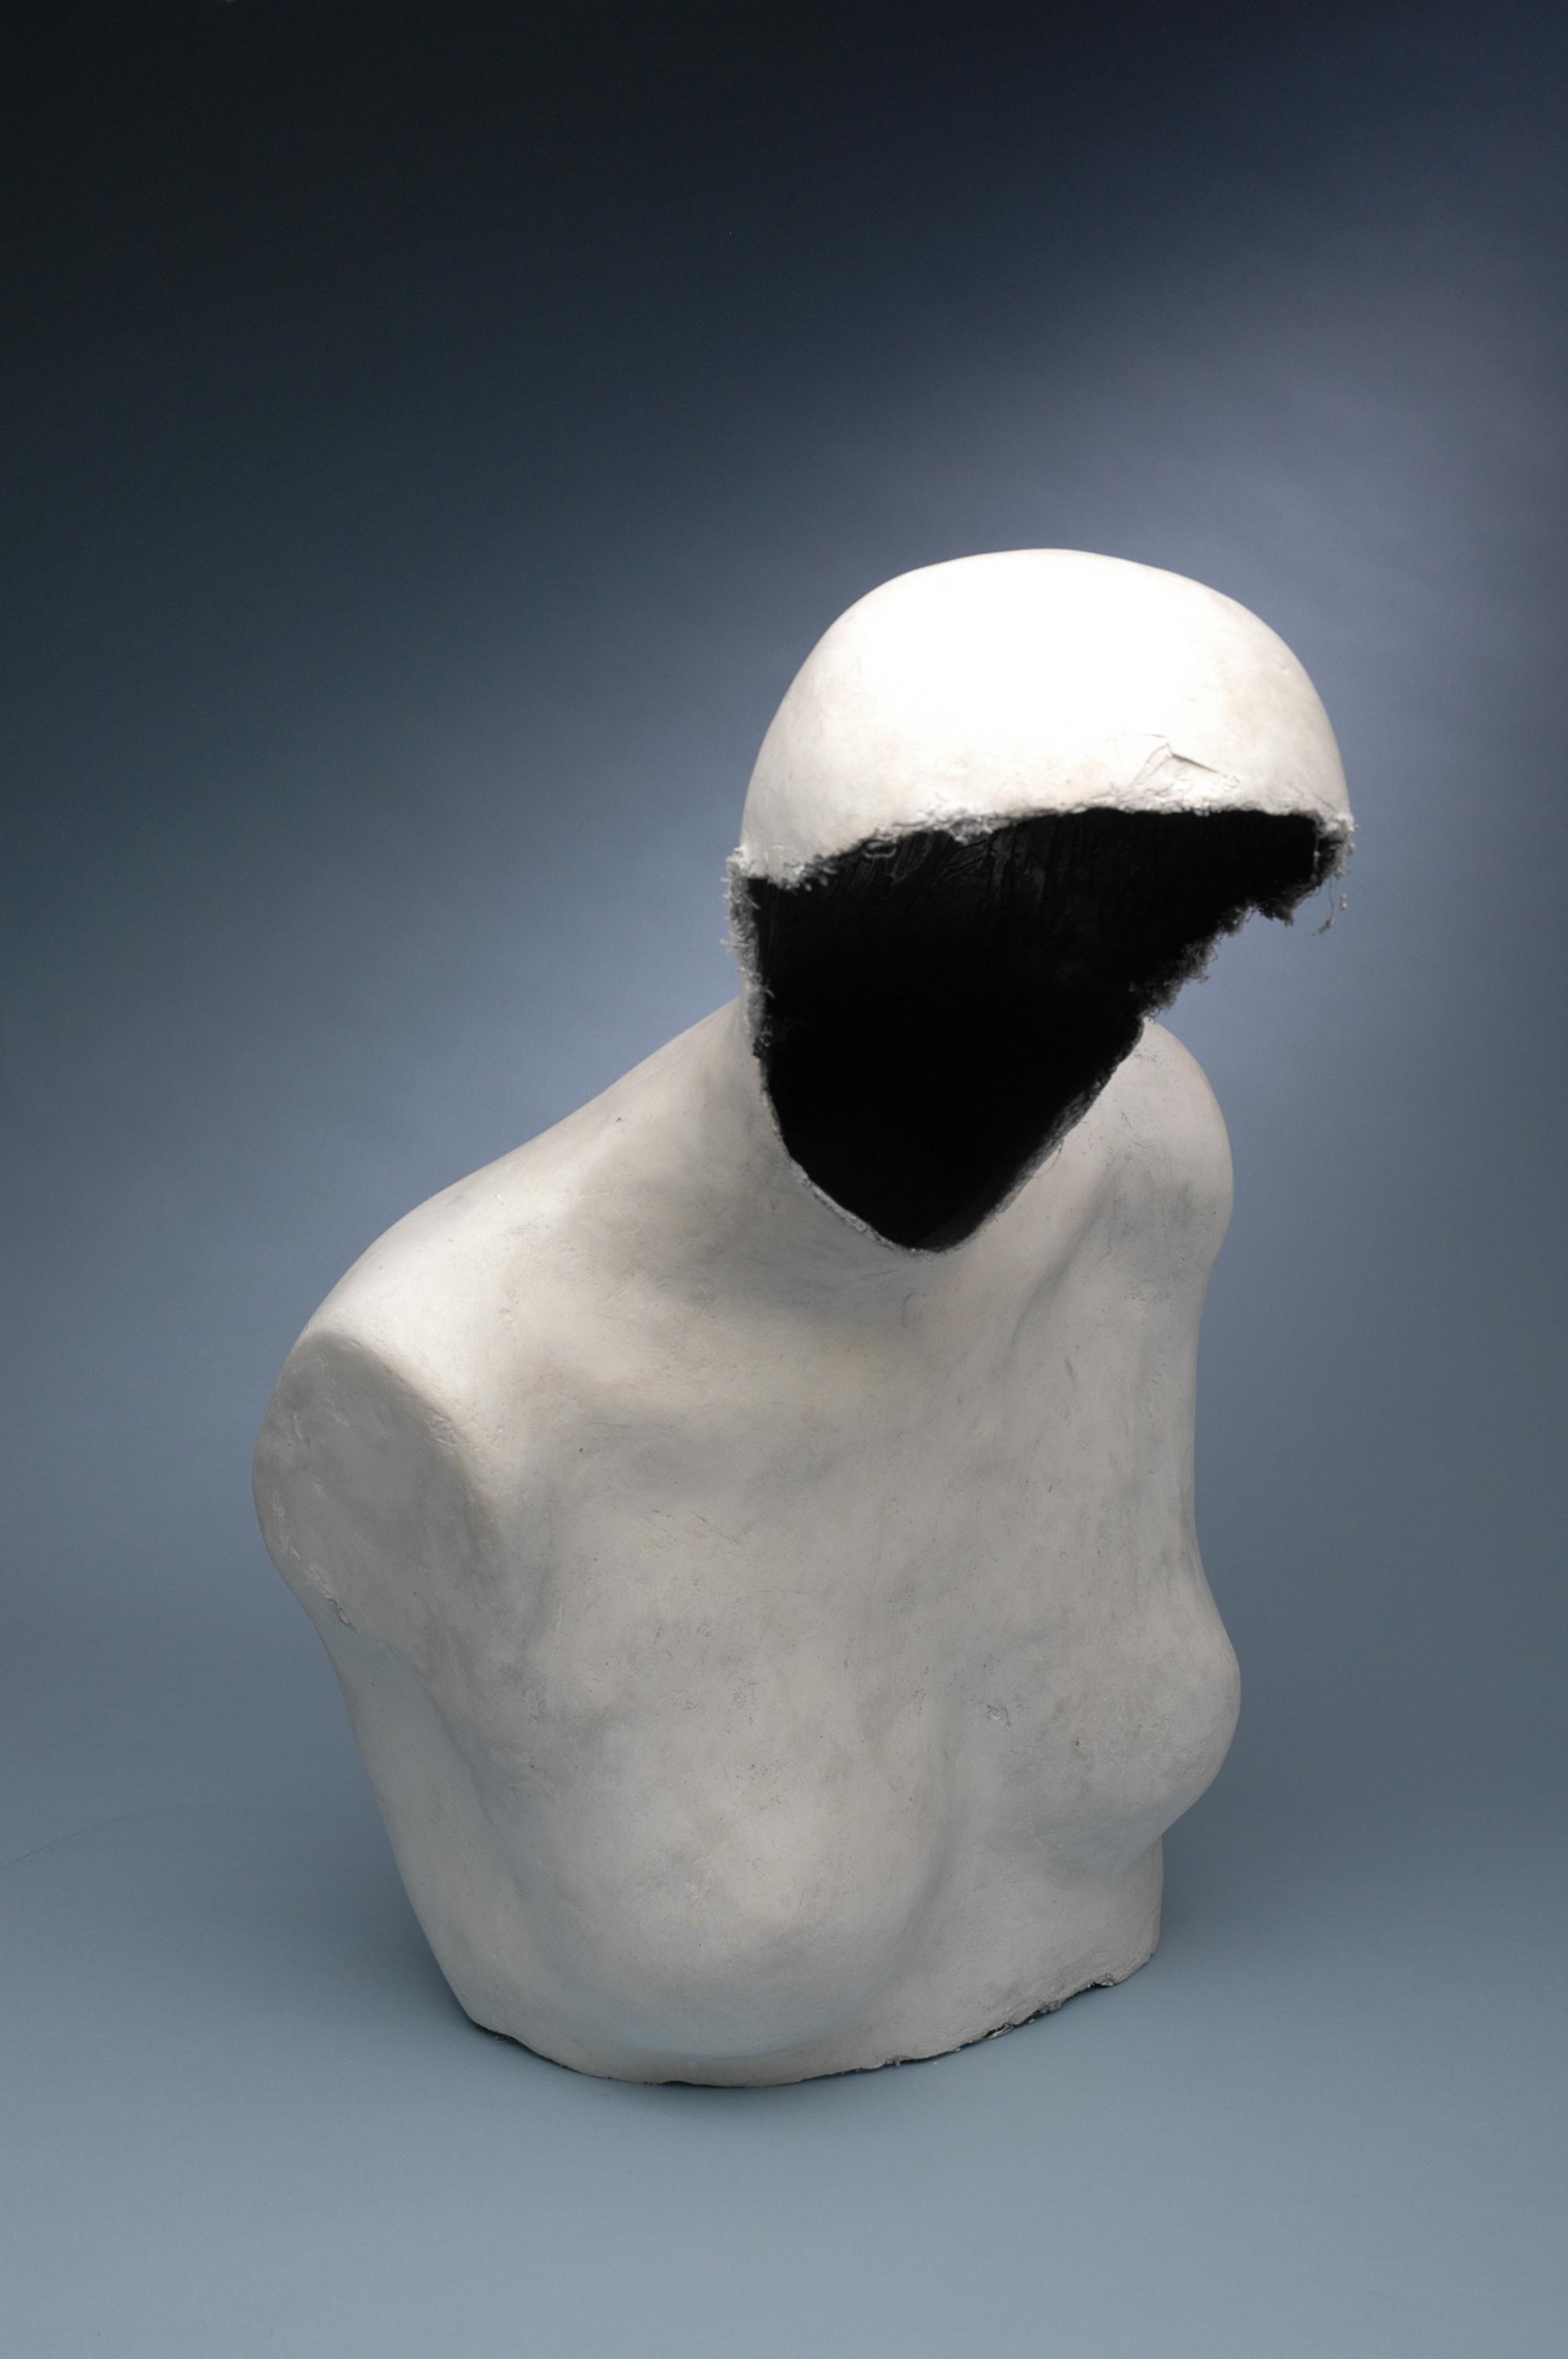 Experimental Figure 1